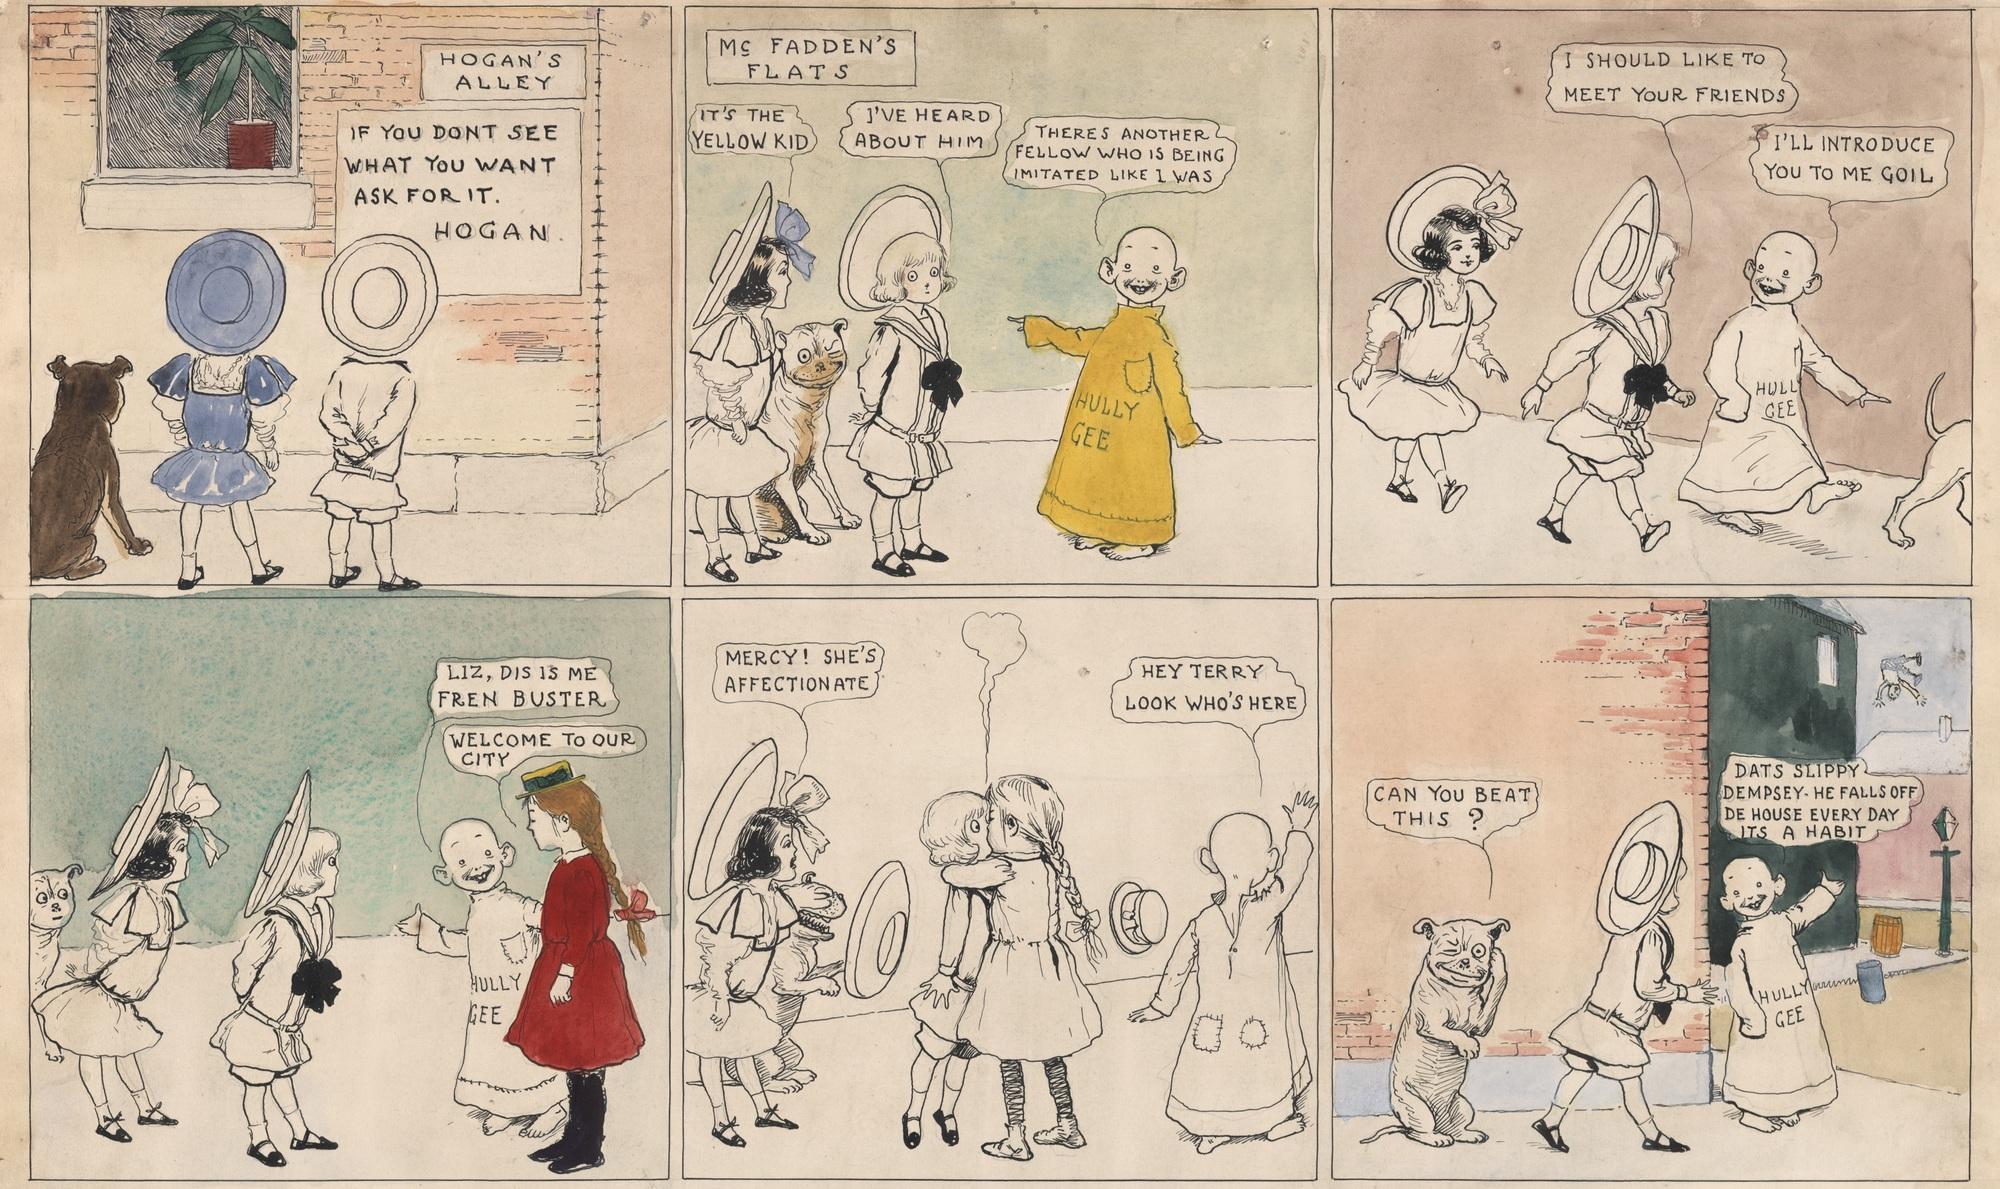 Comics in 19th Century, April 9